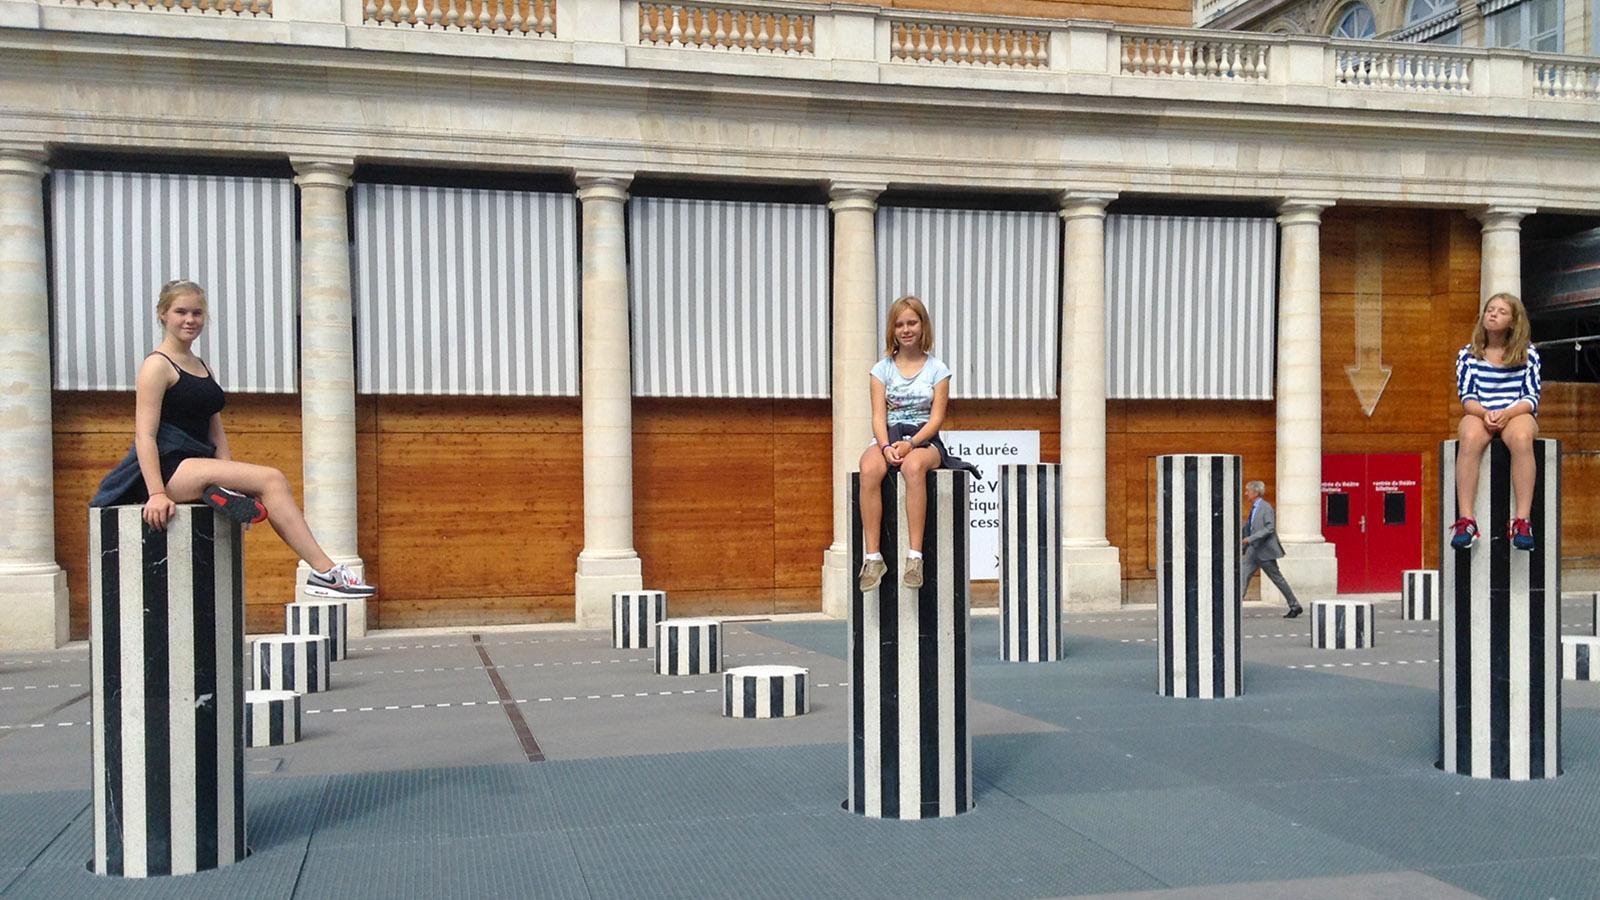 Paris: Im Palais Royal stellte Daniel Buren seine gestreifte Säuen auf. Foto: Hilke Maunder